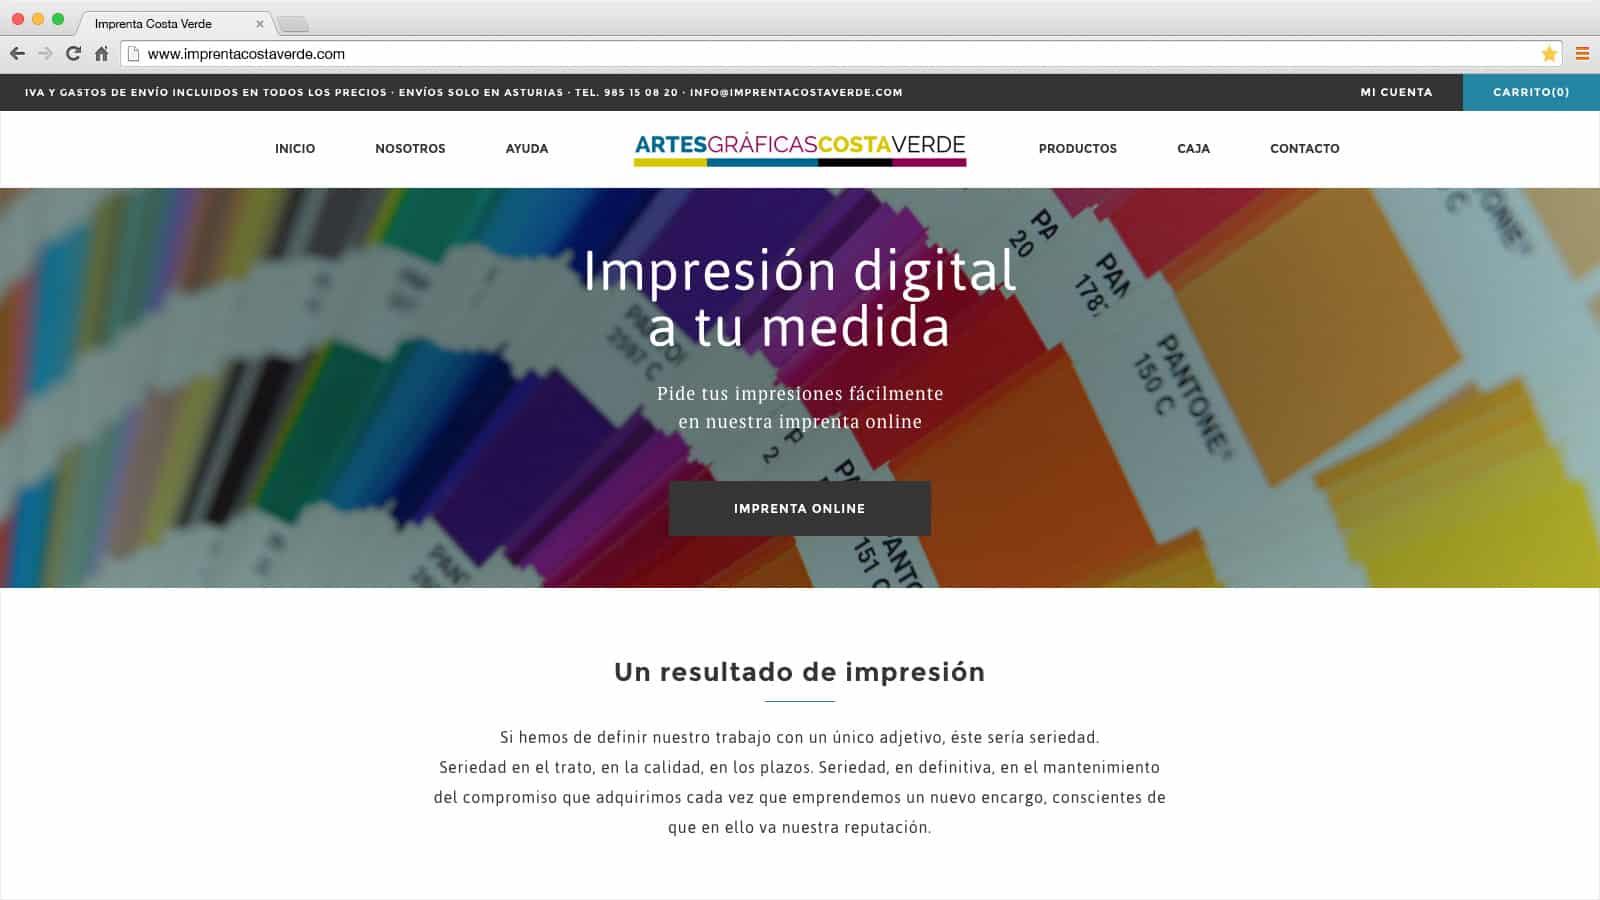 Imprenta Costa Verde